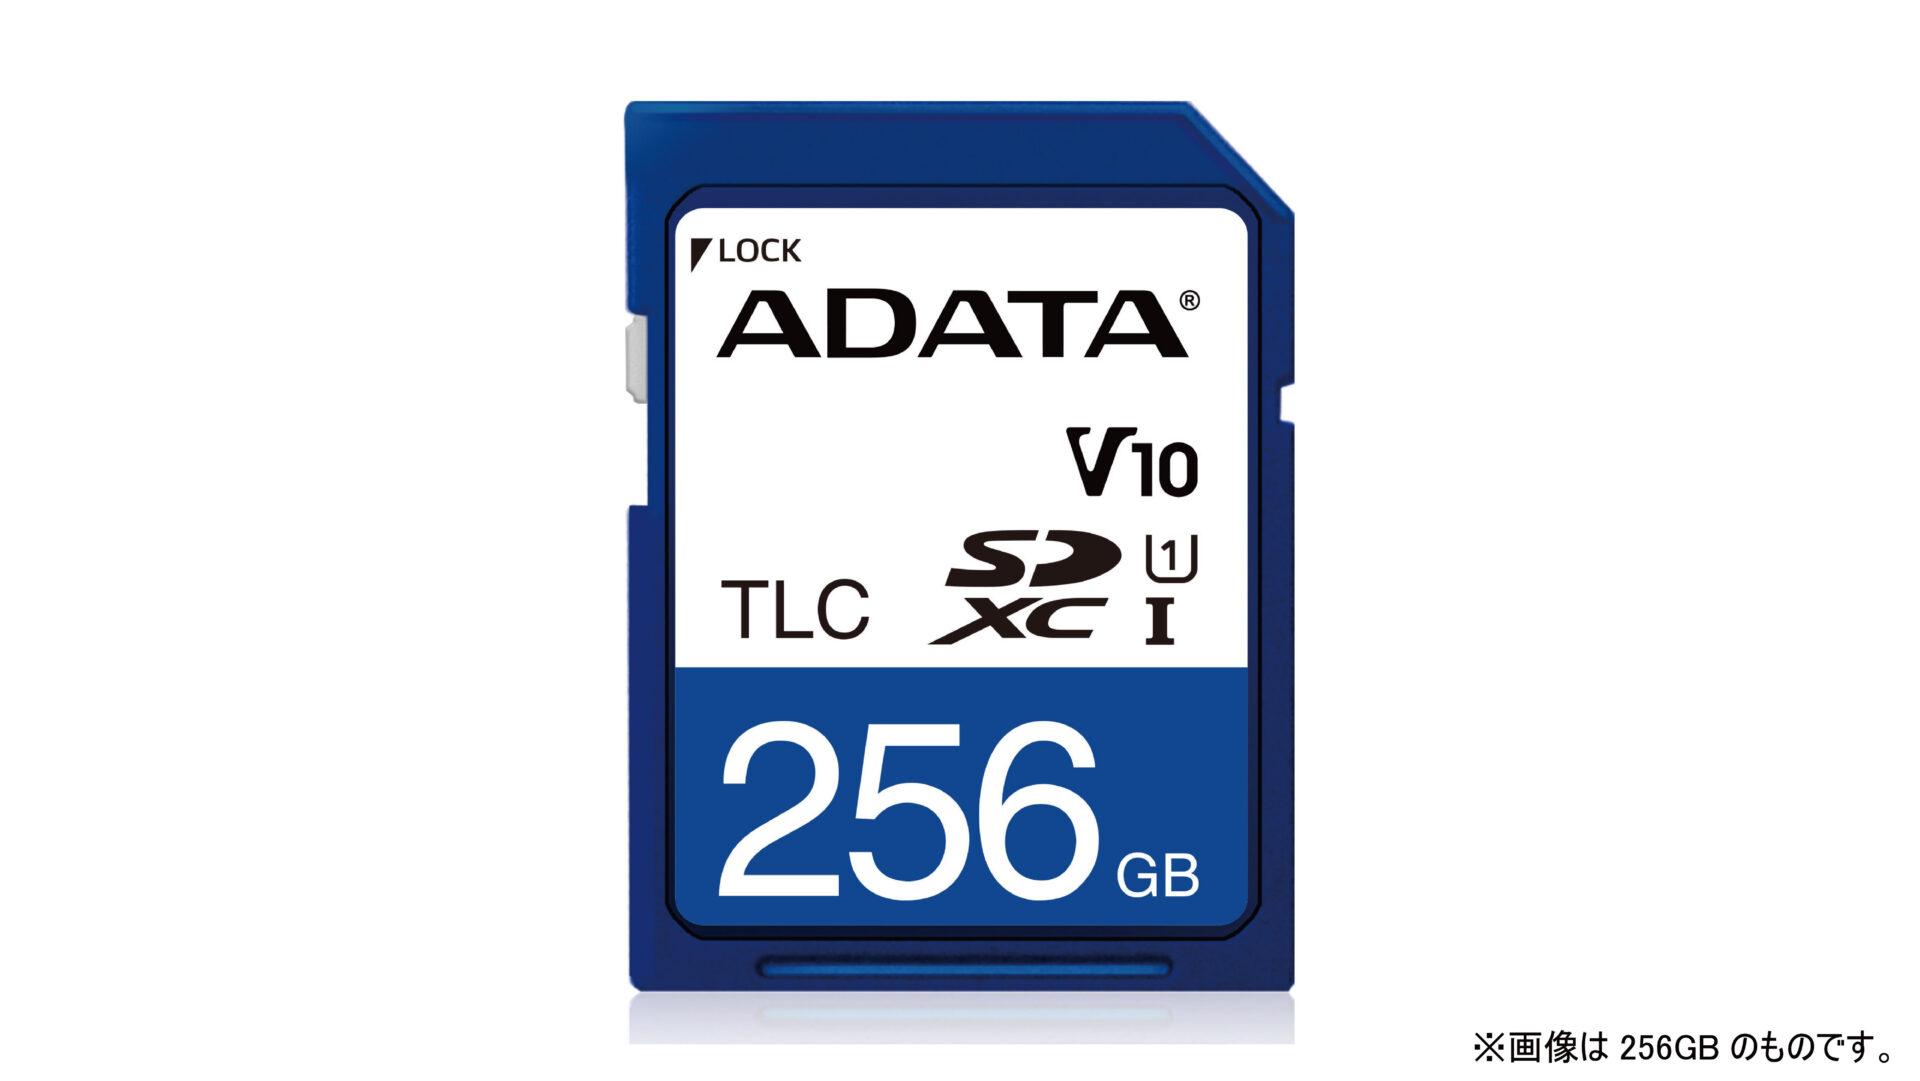 産業グレードSDカード64GB